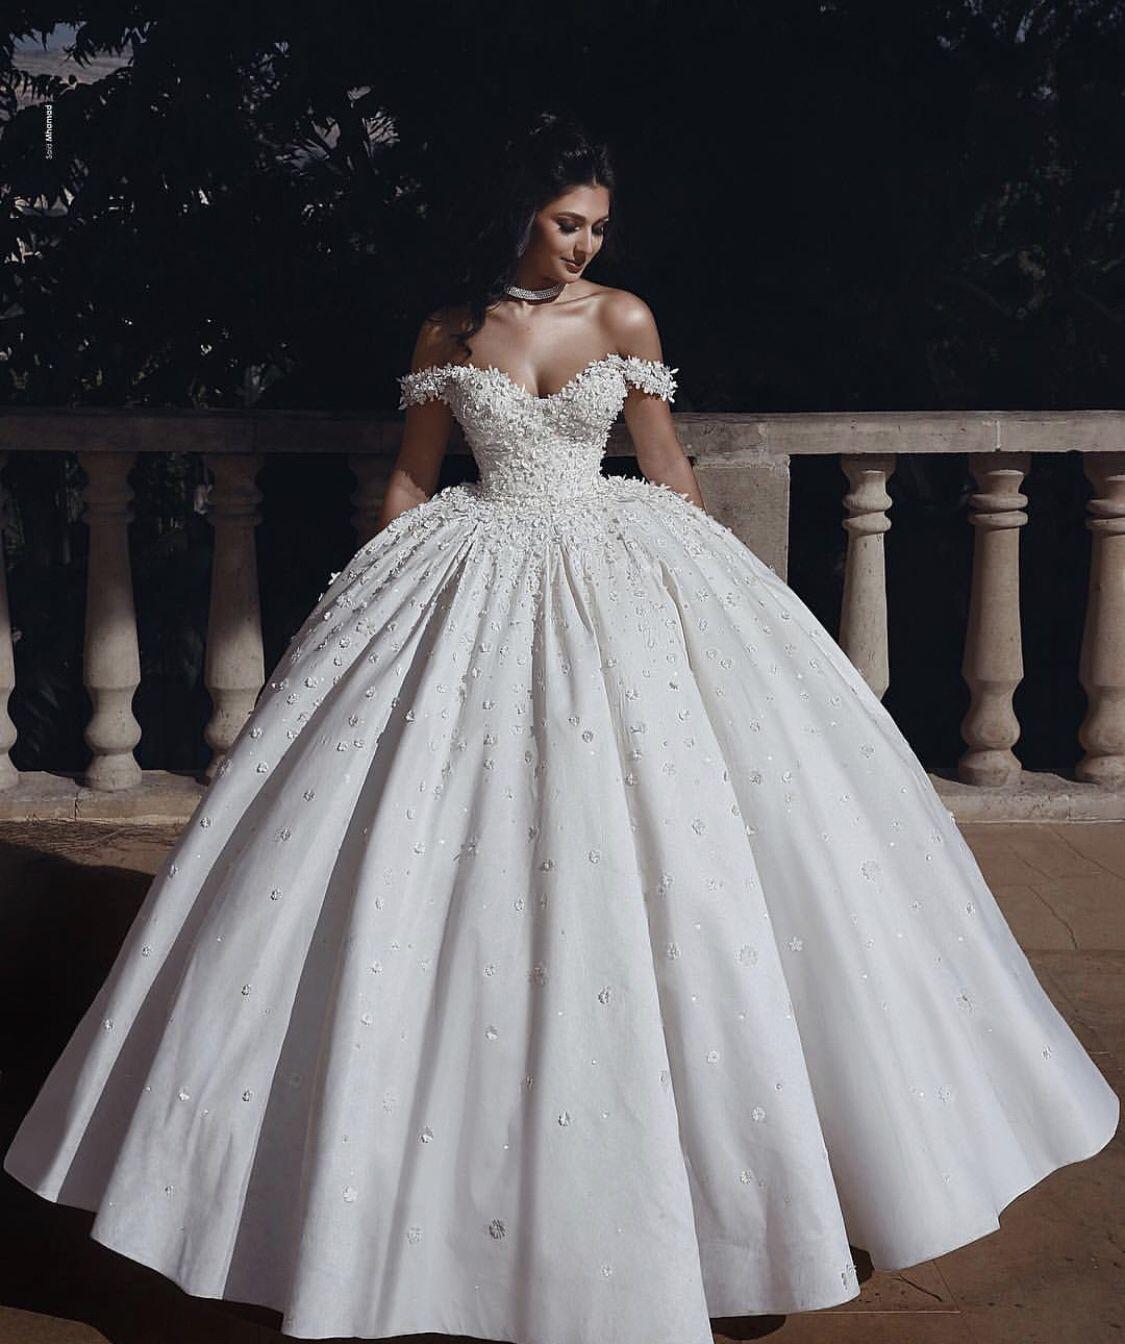 Dream Wedding Ball Gown Wedding Dress Wedding Dress Long Sleeve Destination Wedding Dress